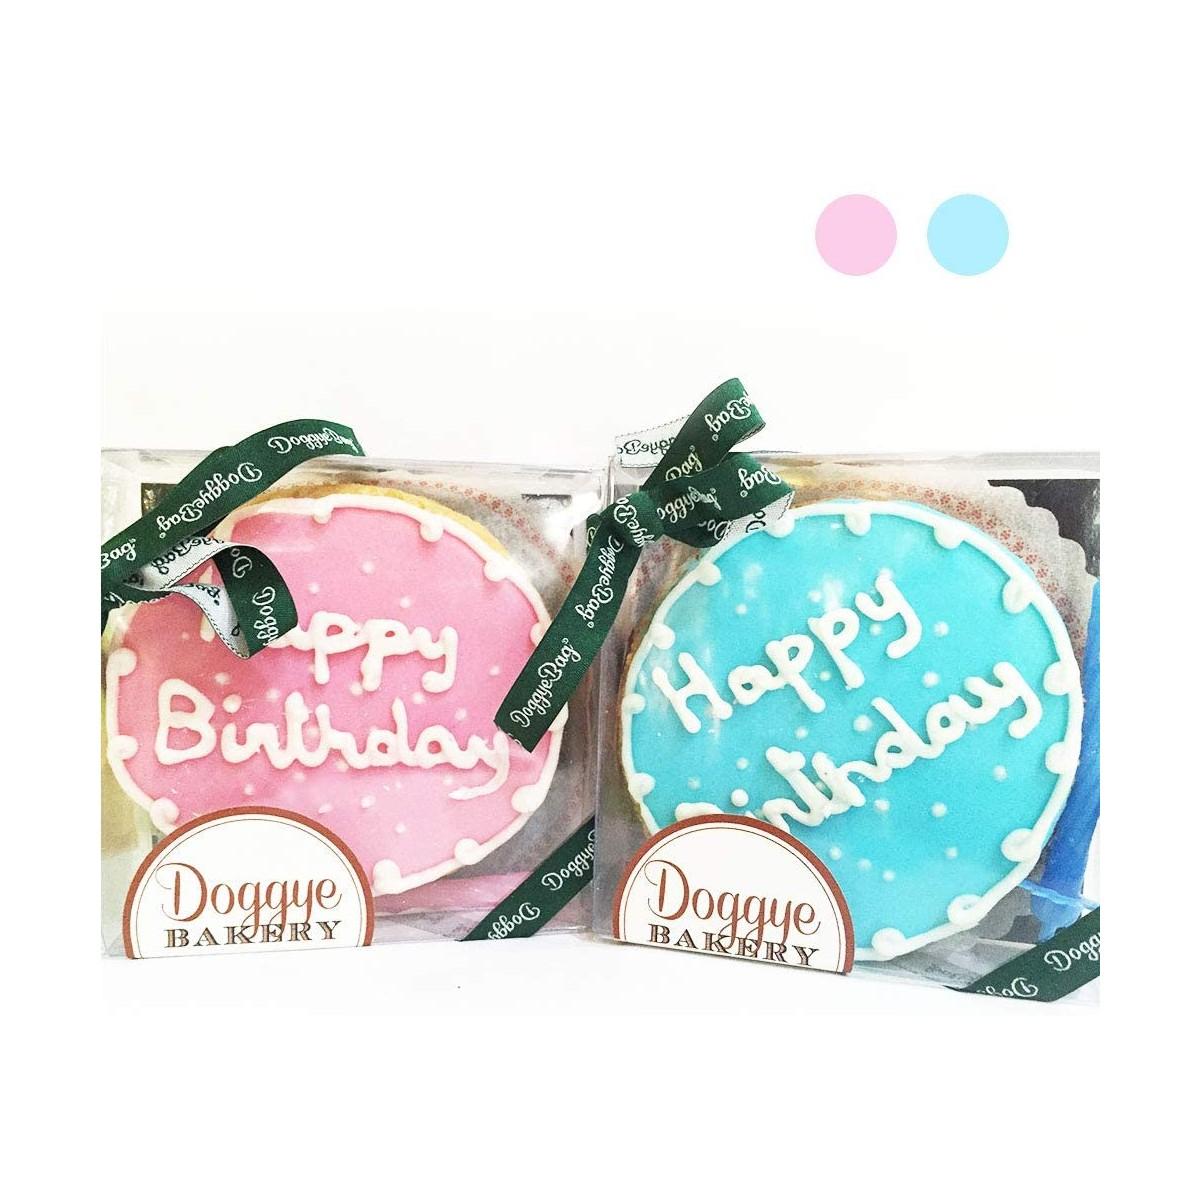 Torta di compleanno per cani, senza zucchero e additivi, con candelina